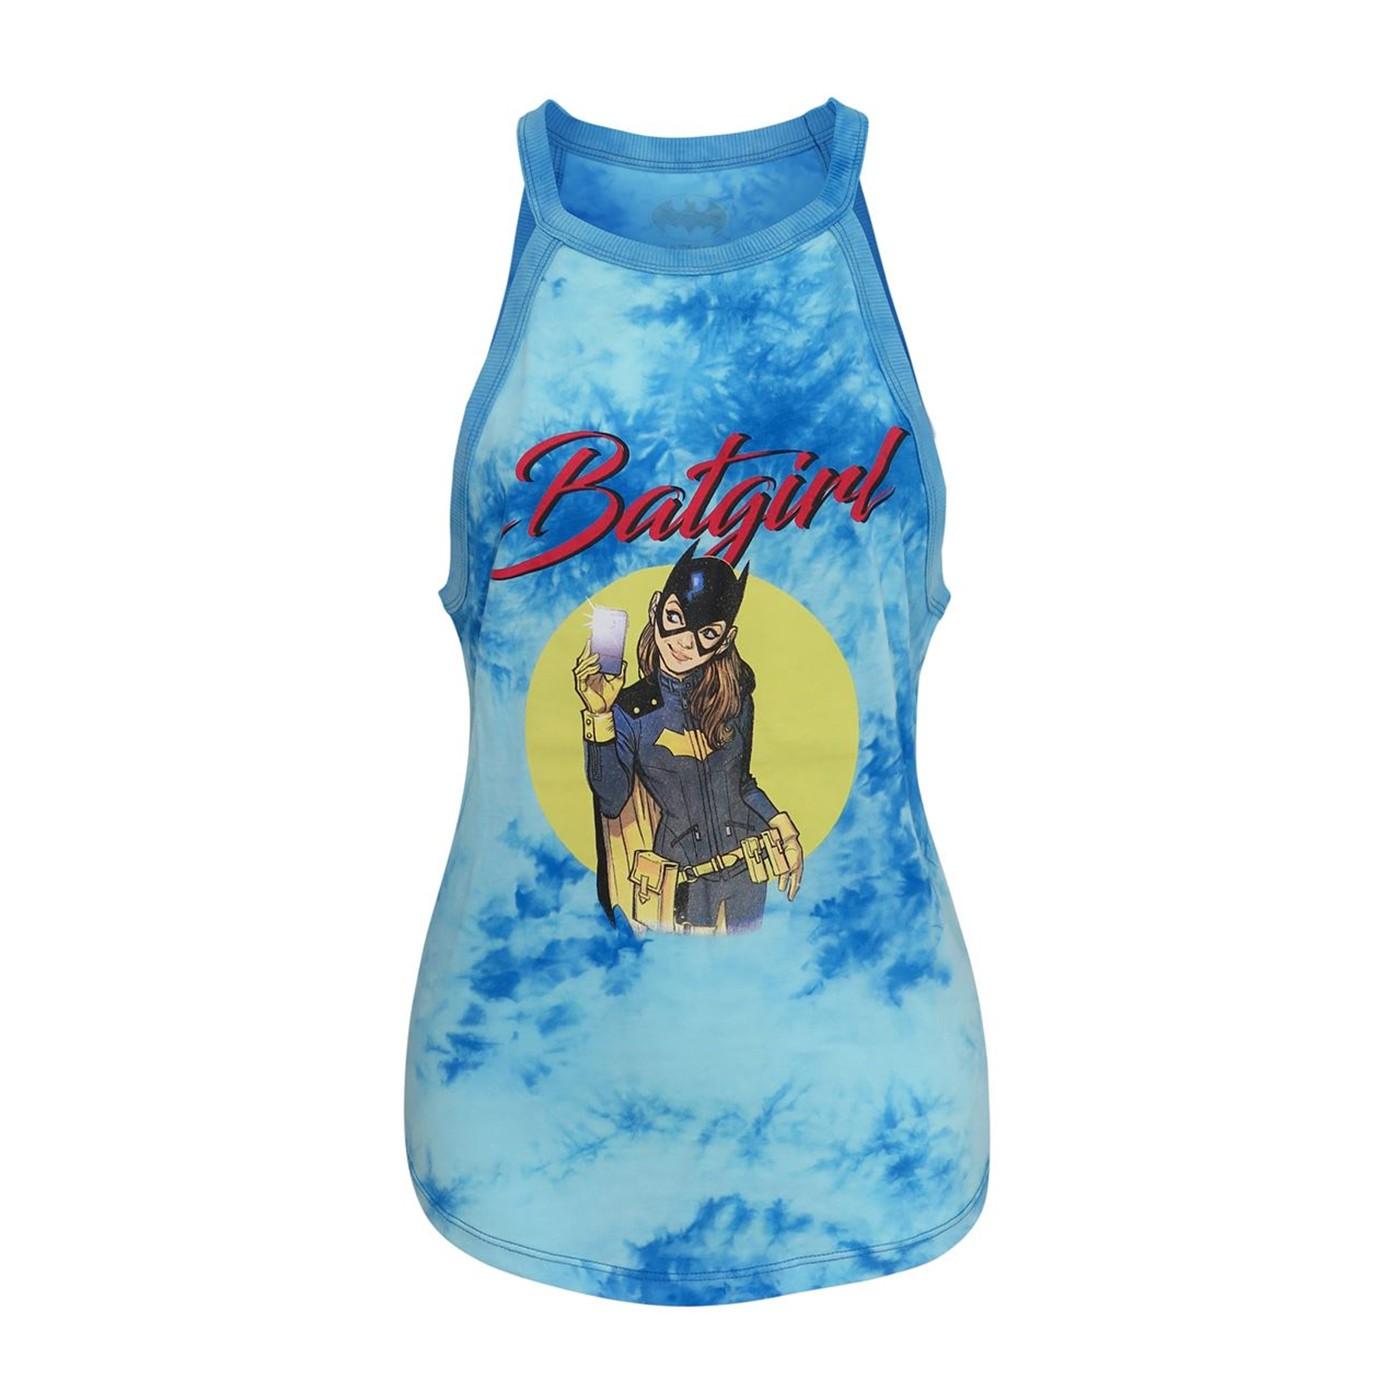 Batgirl Women's Tie Dye Halter Tank Top